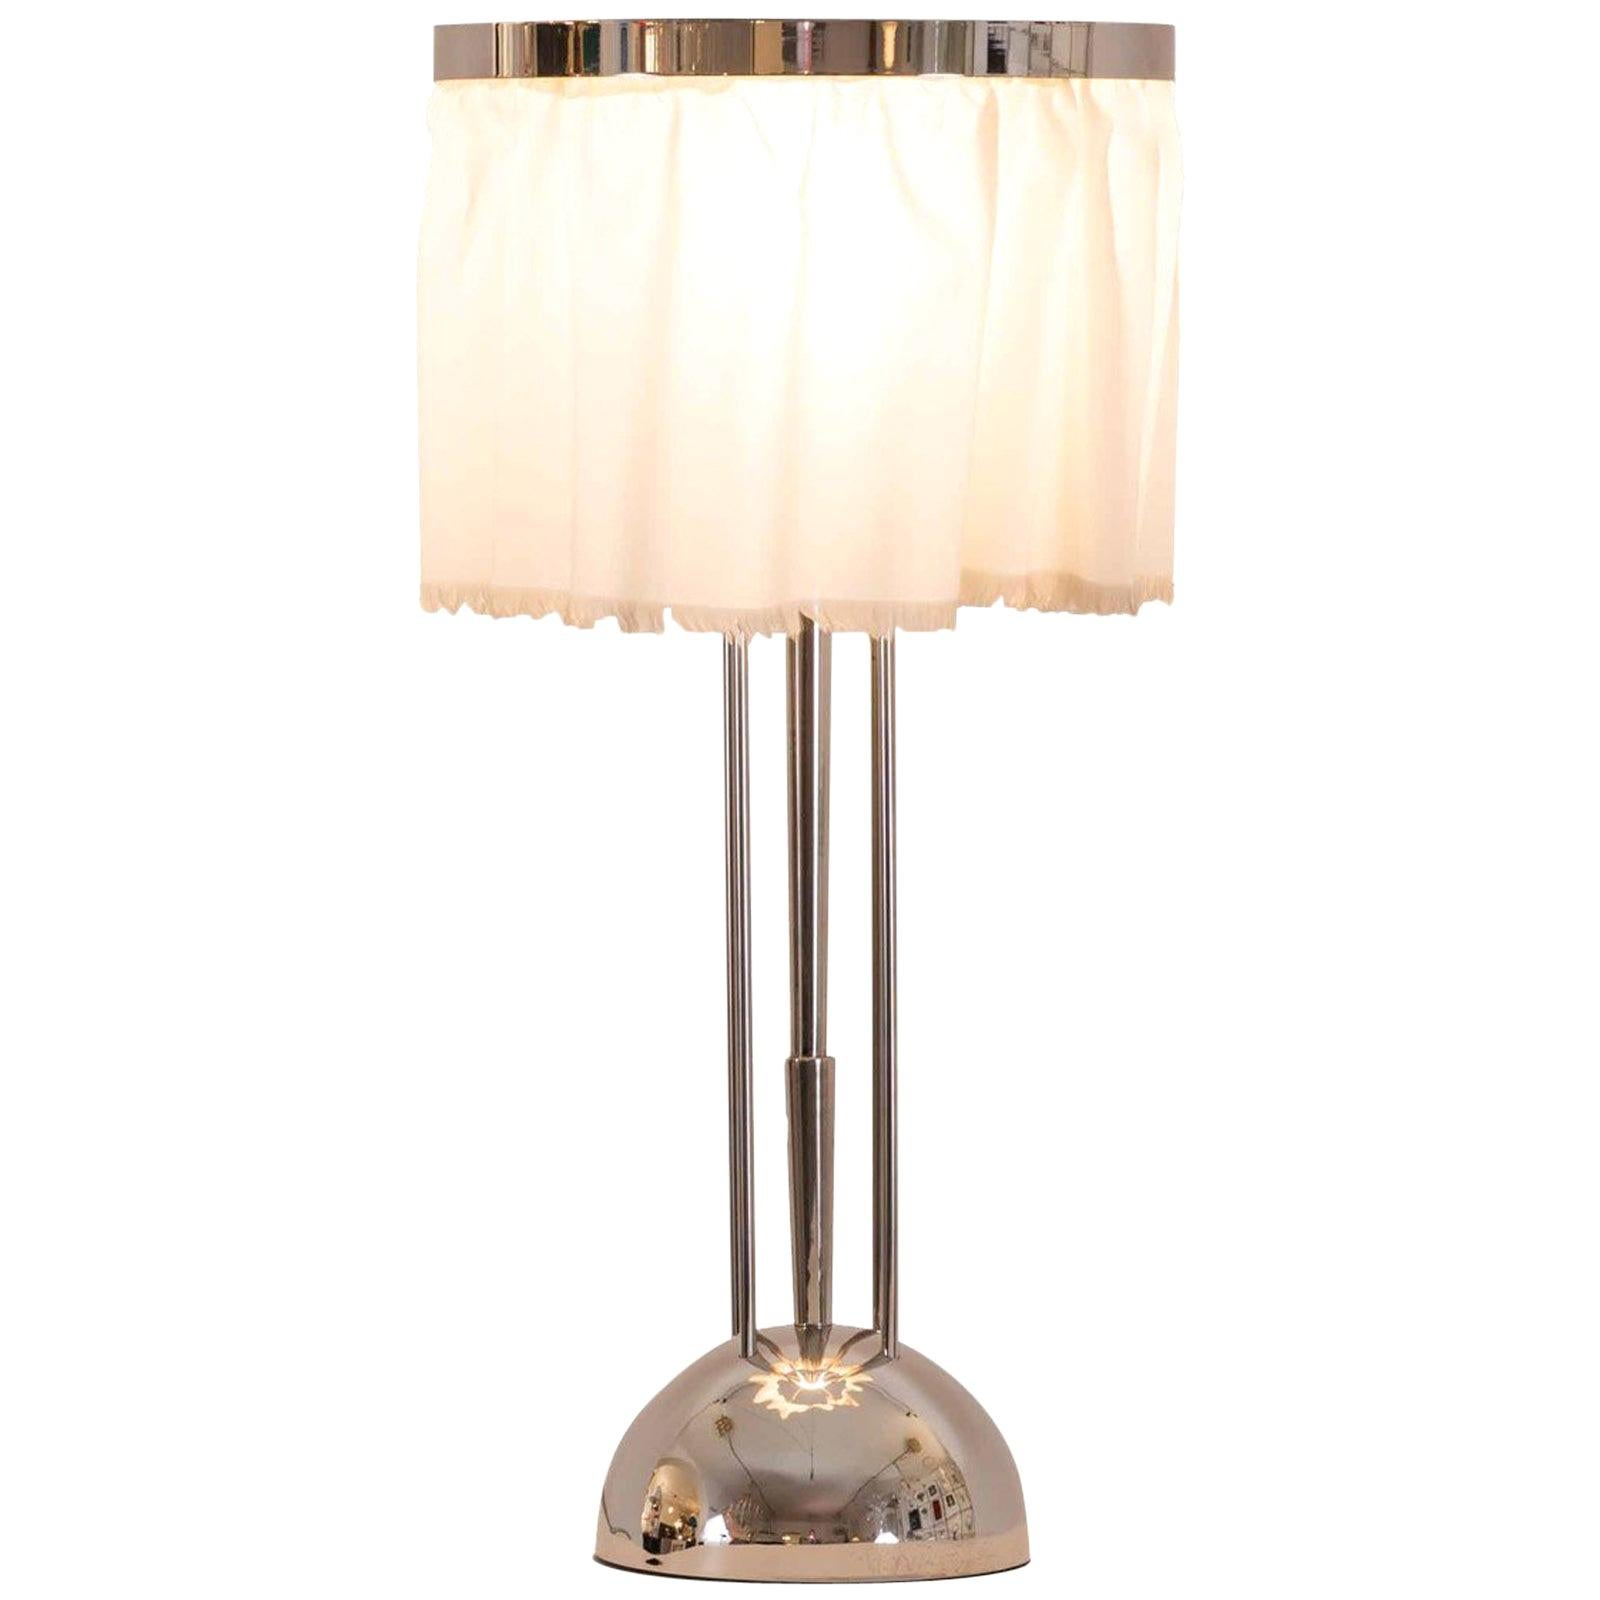 Josef Hoffmann&Wiener Werkstätte Wittgenstein Silk&brass Table Lamp, Re-Edition